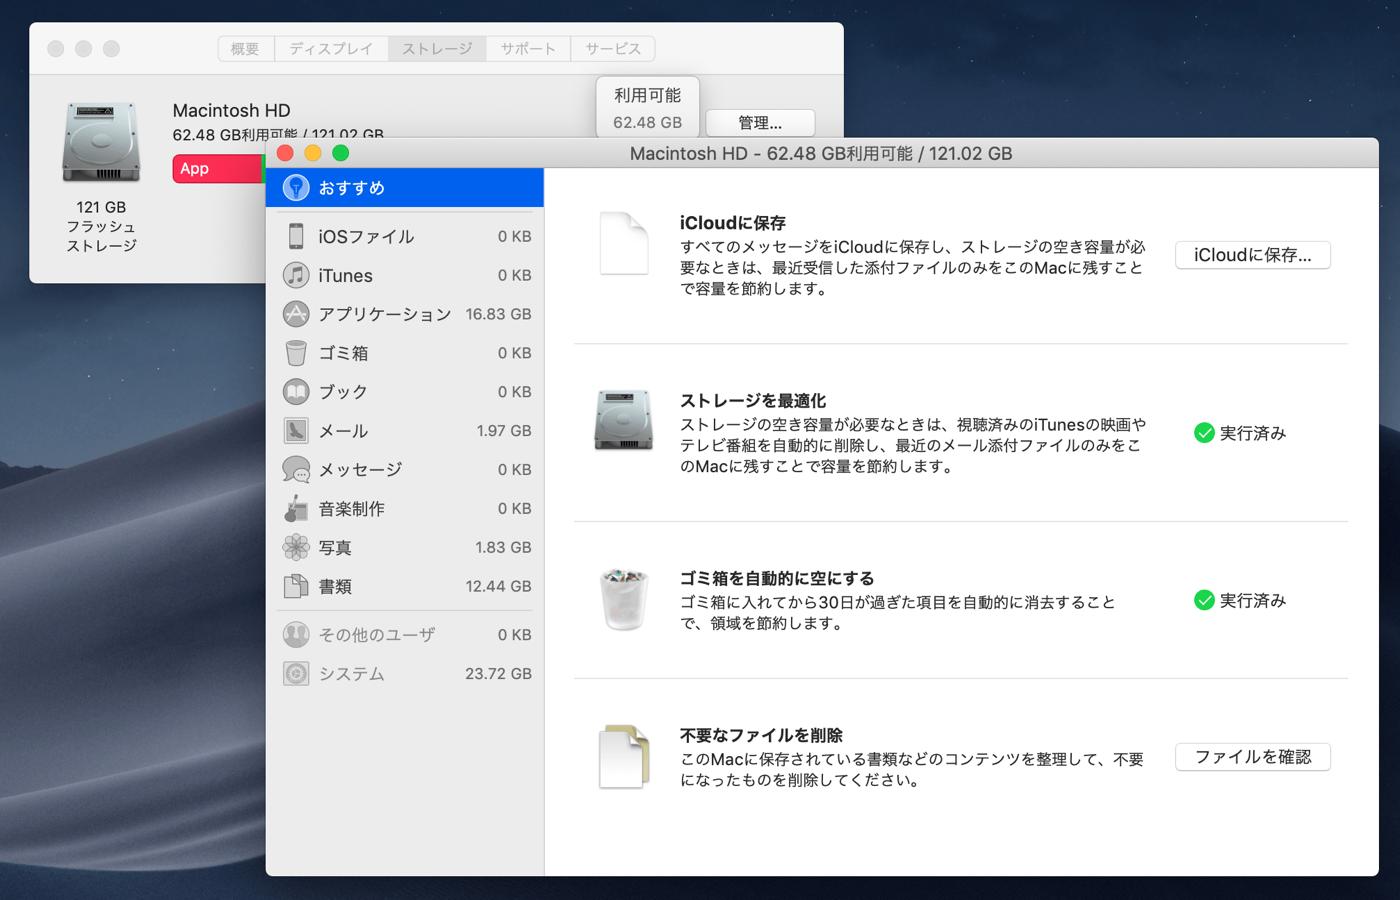 Mac akiyouryoukakuho 07